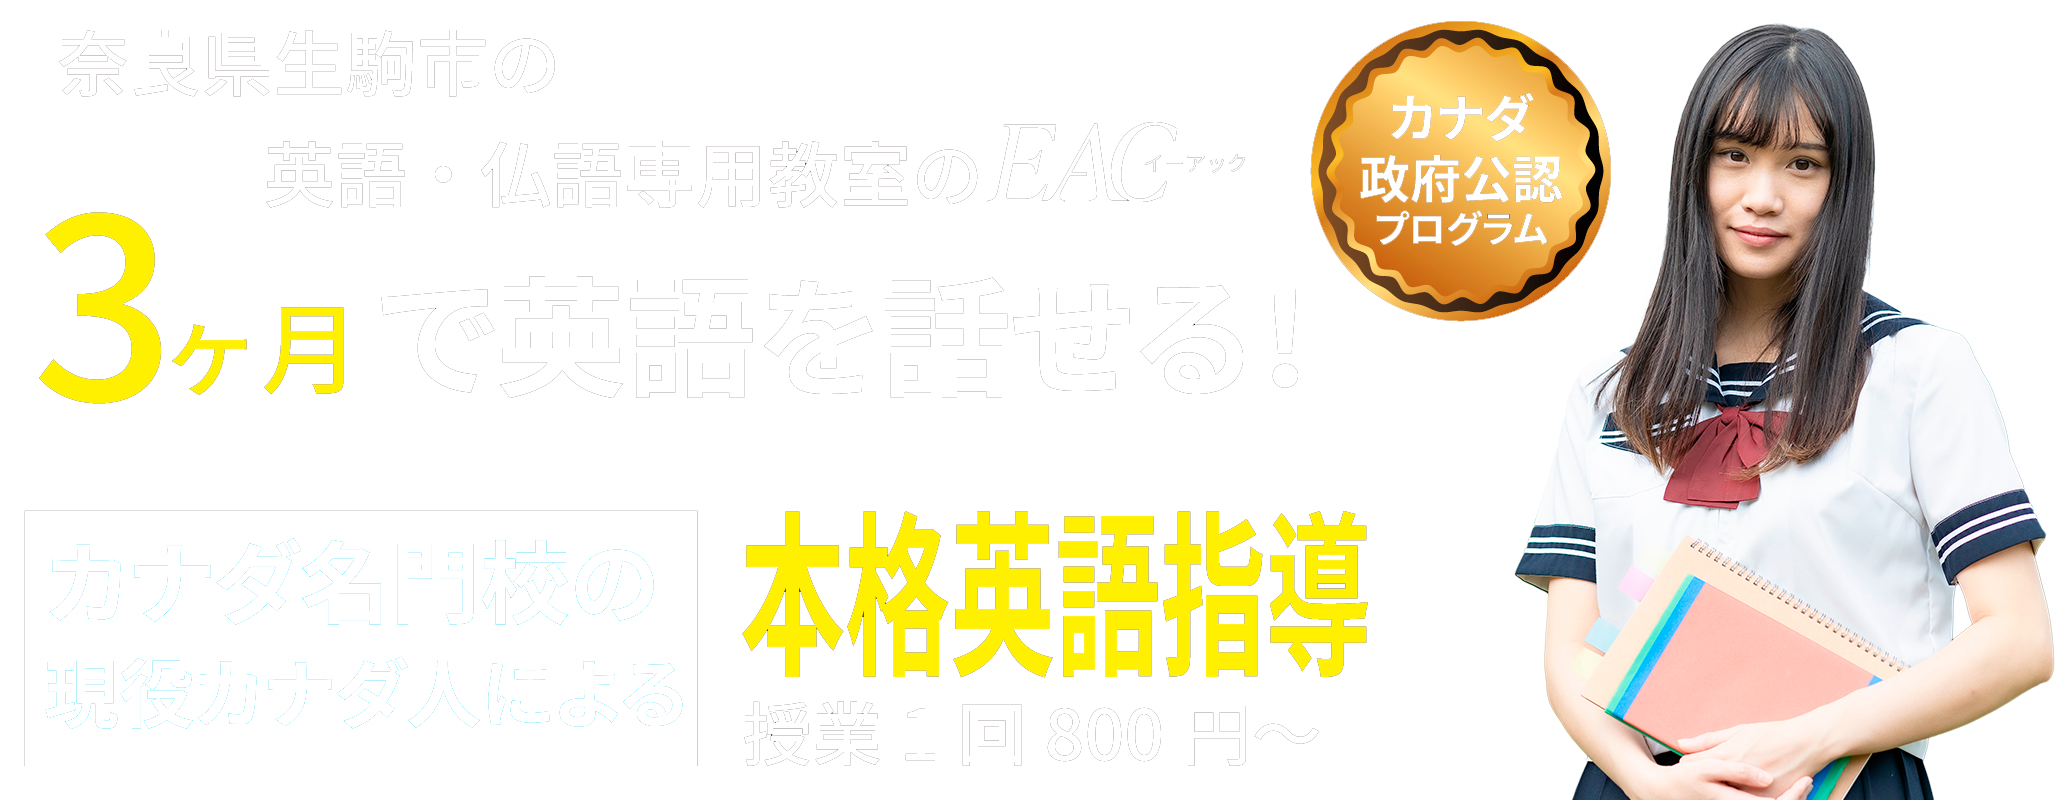 奈良県生駒市の英語・仏語専門教室のイーアック EAC 3ヶ月で英語を話せる! カナダ名門校現役講師による本格英語指導 授業1回 800円〜